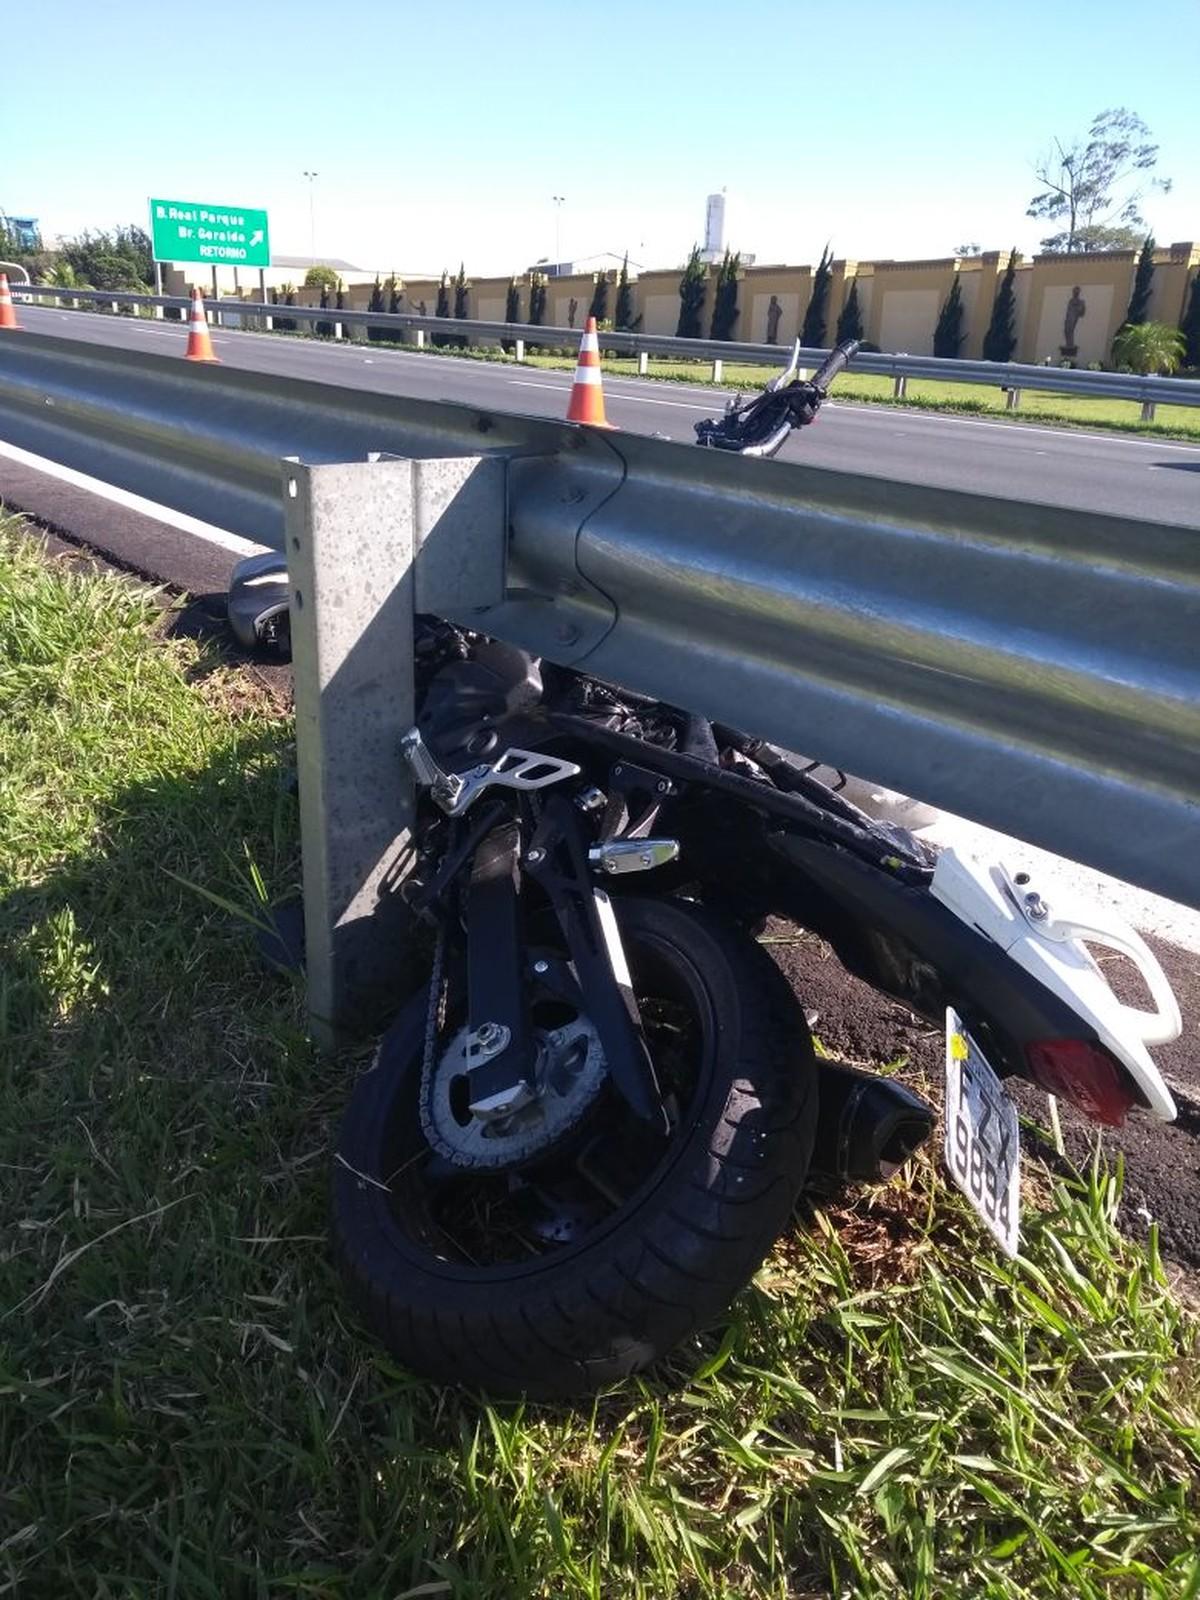 Motociclista fica ferido após acidente na Zeferino Vaz em Campinas